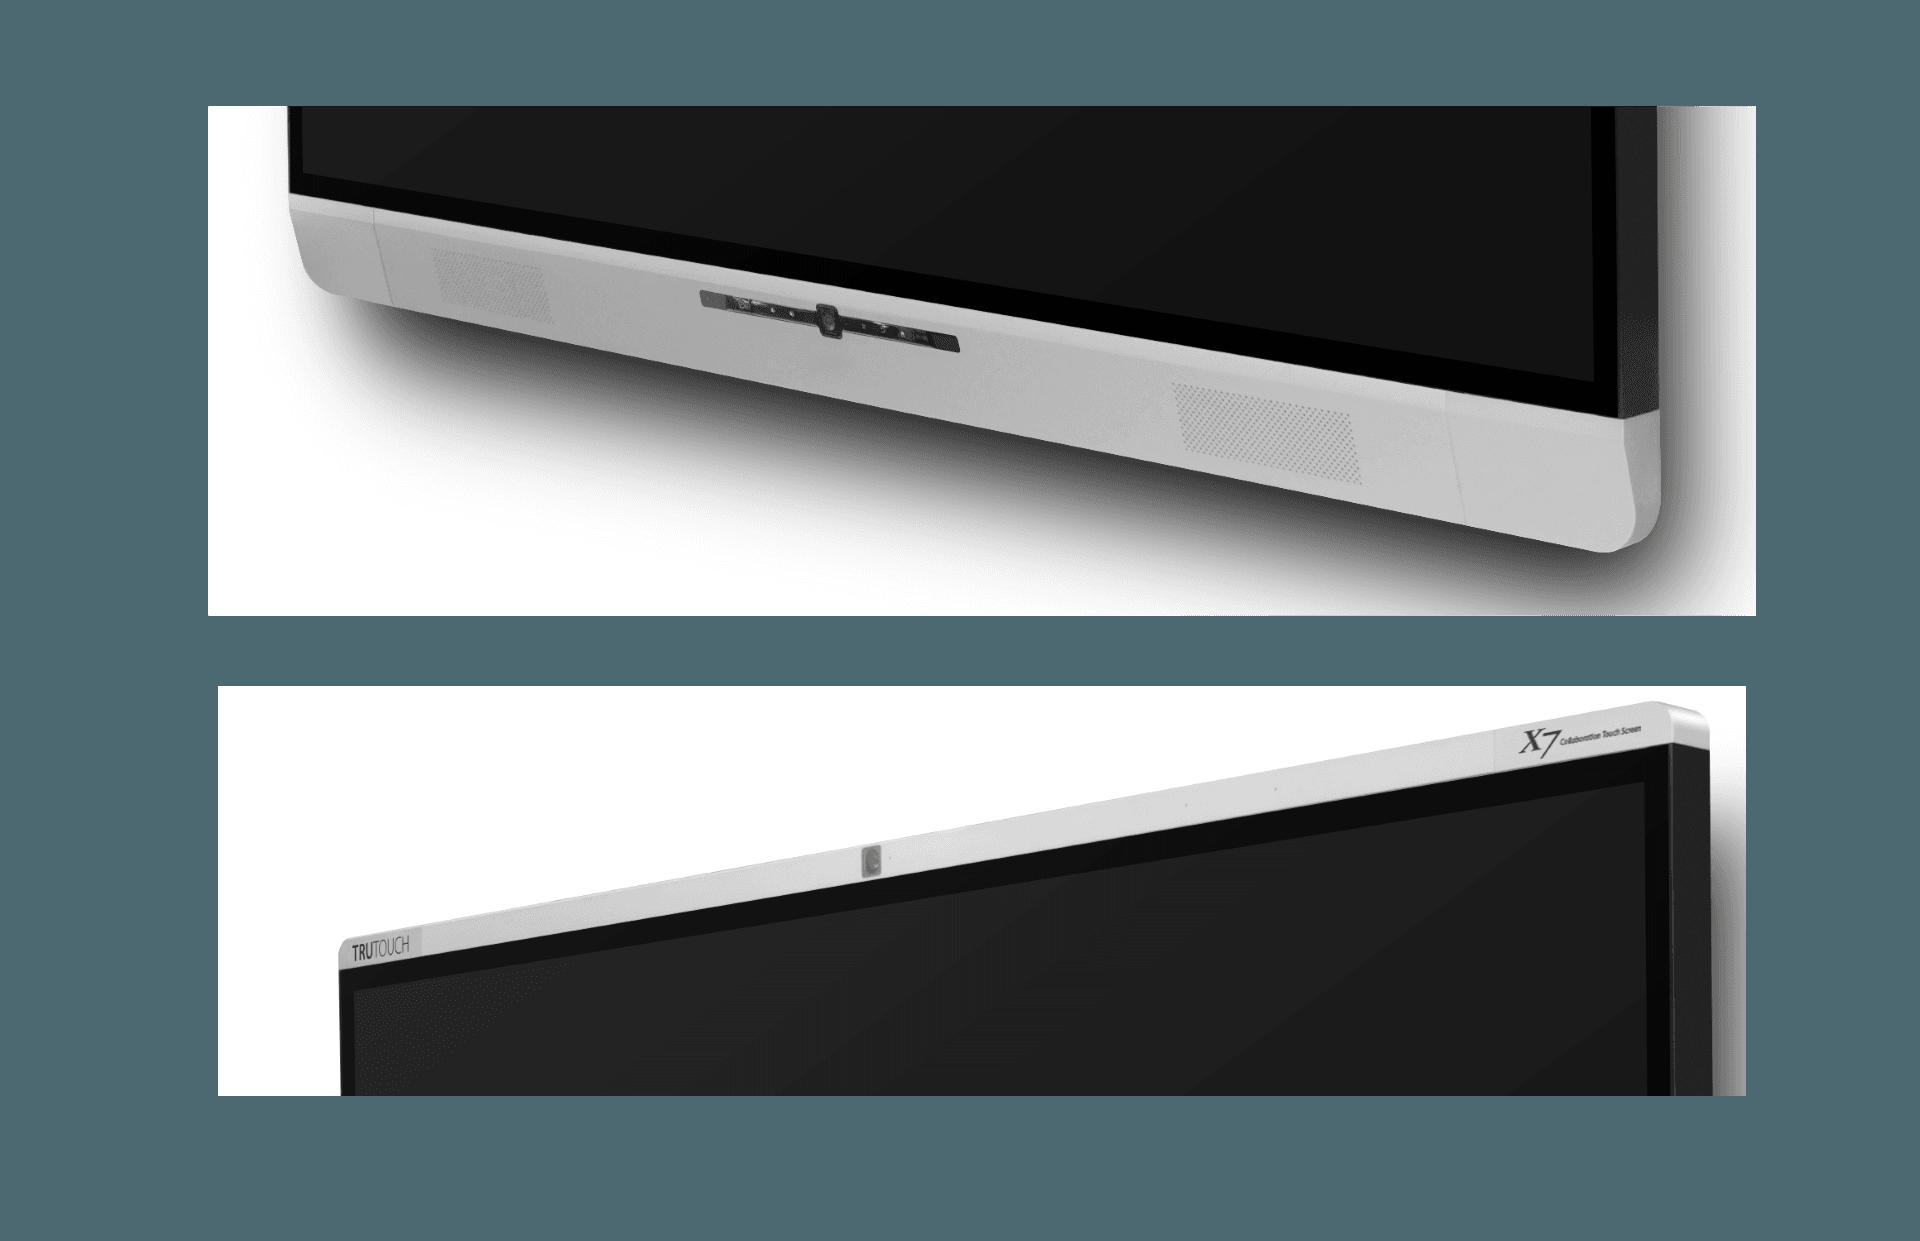 NewLine X7